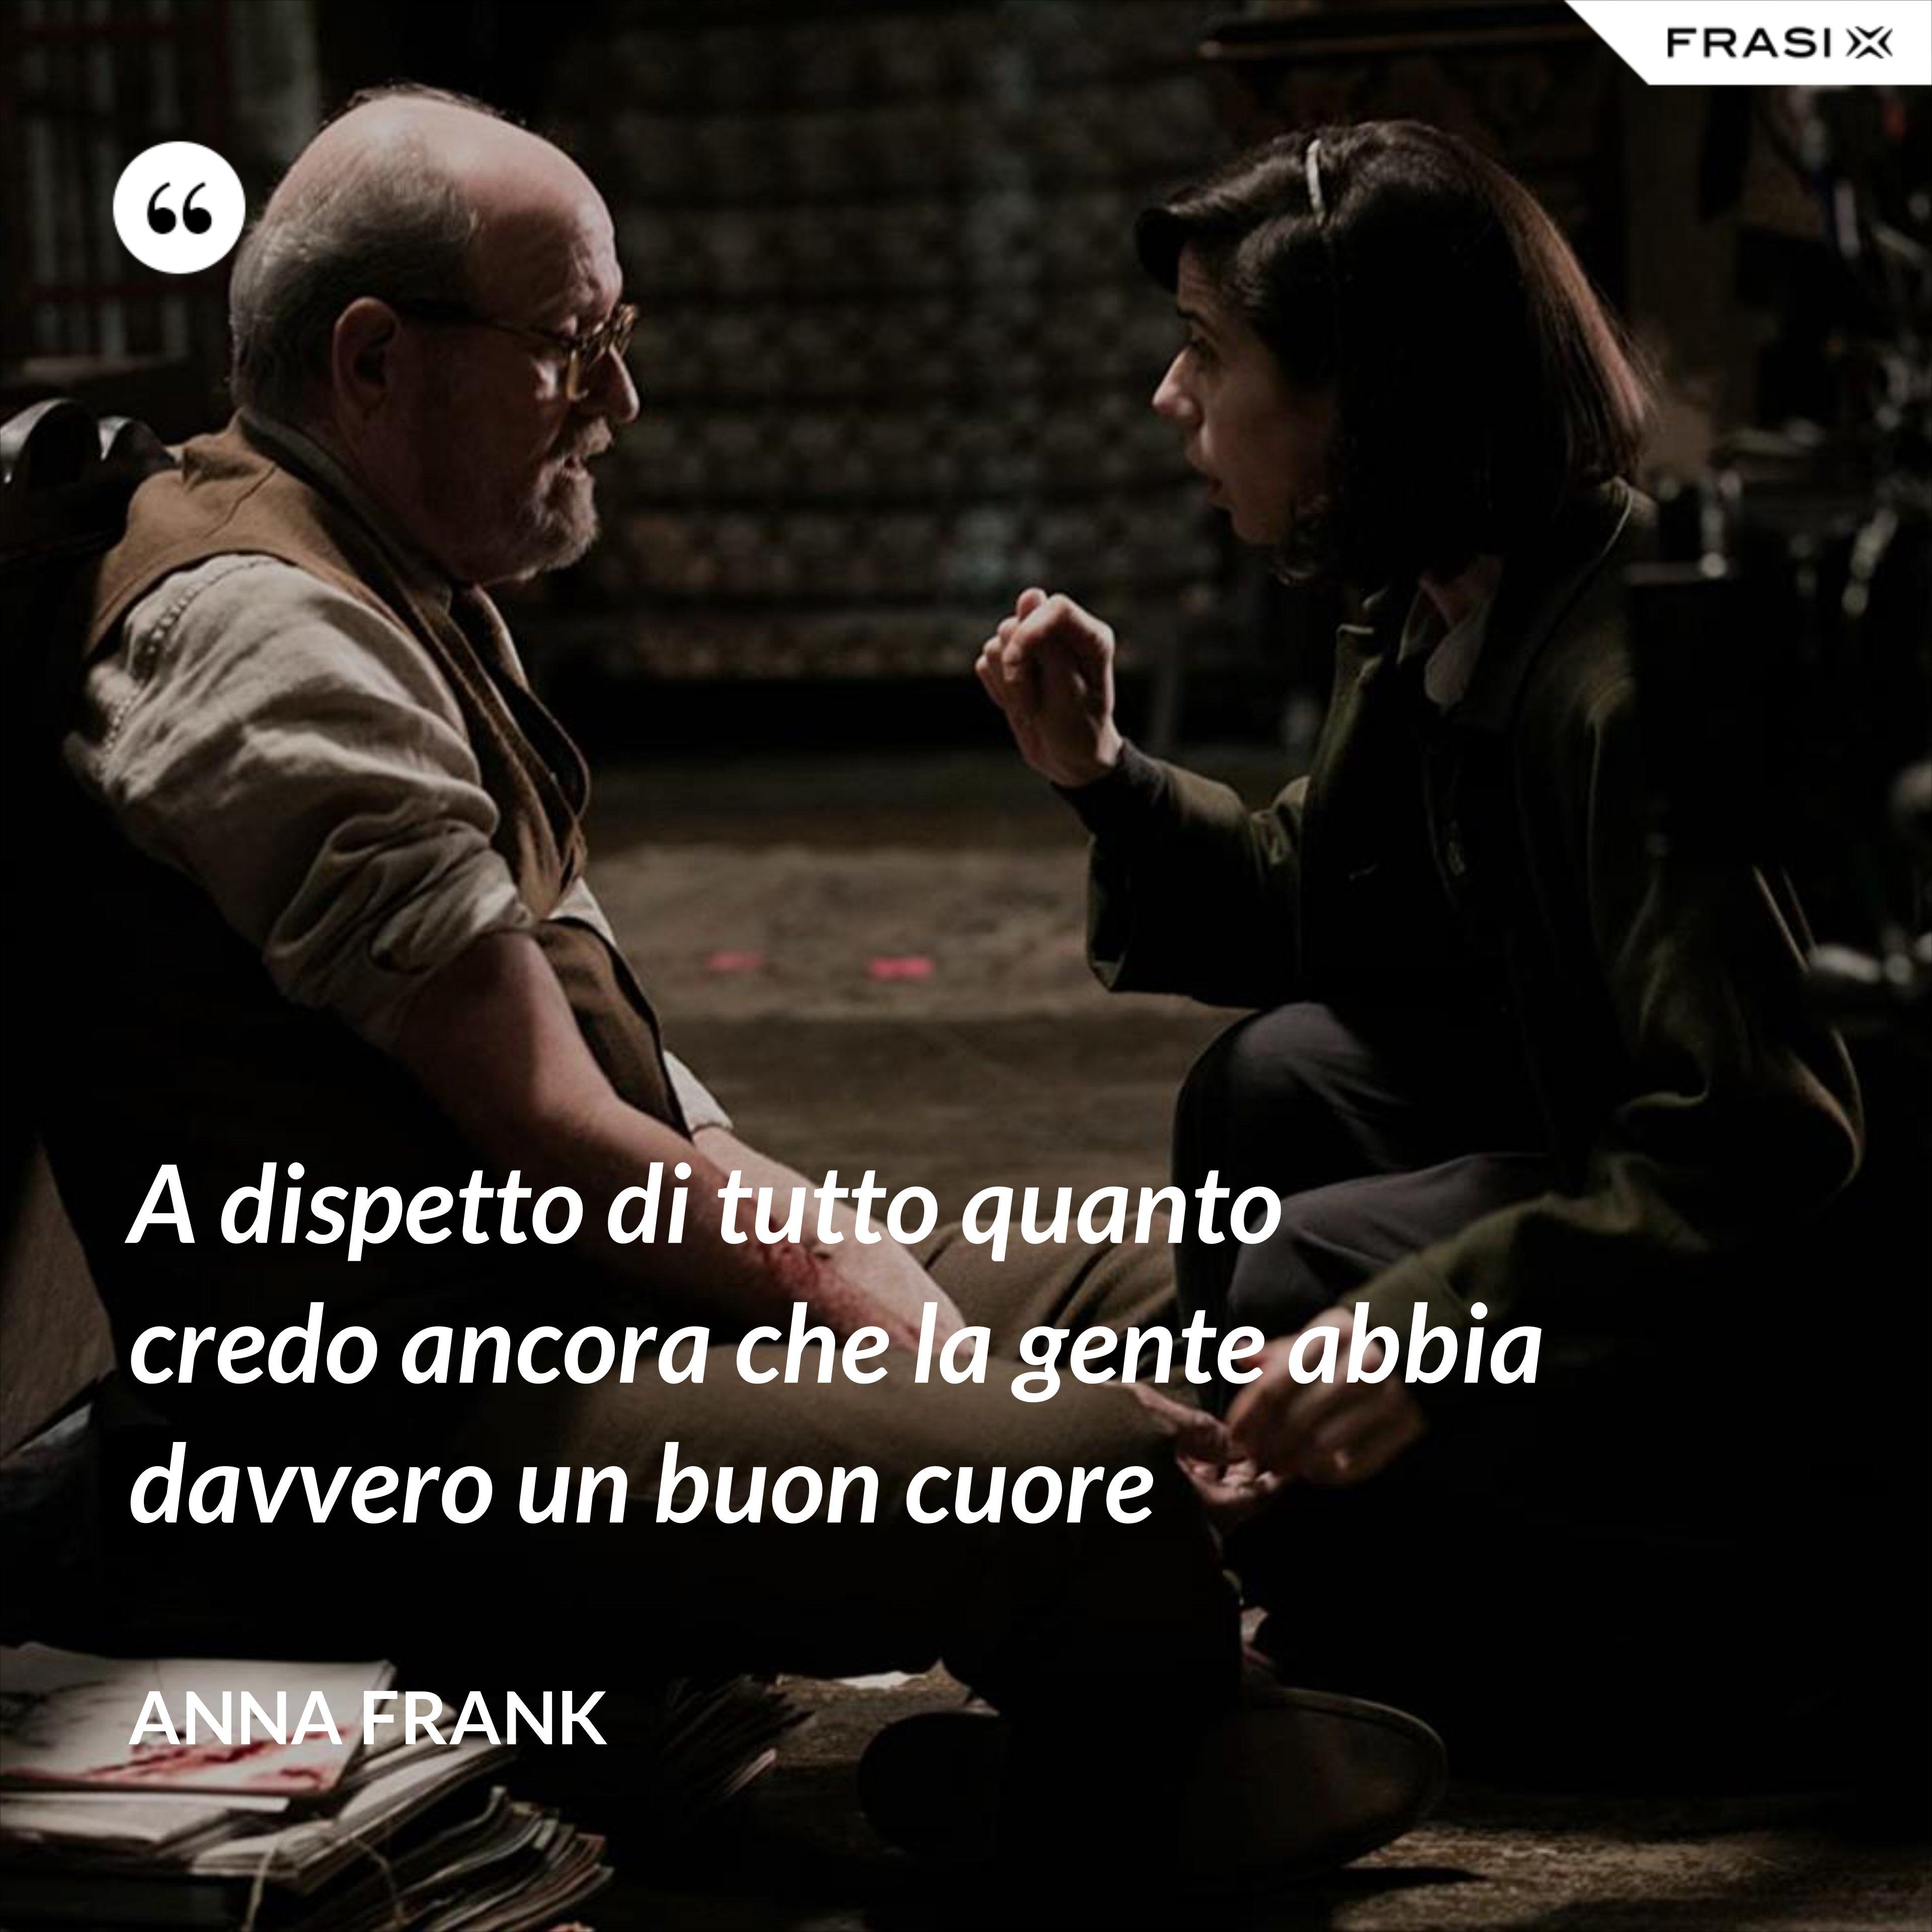 A dispetto di tutto quanto credo ancora che la gente abbia davvero un buon cuore - Anna Frank